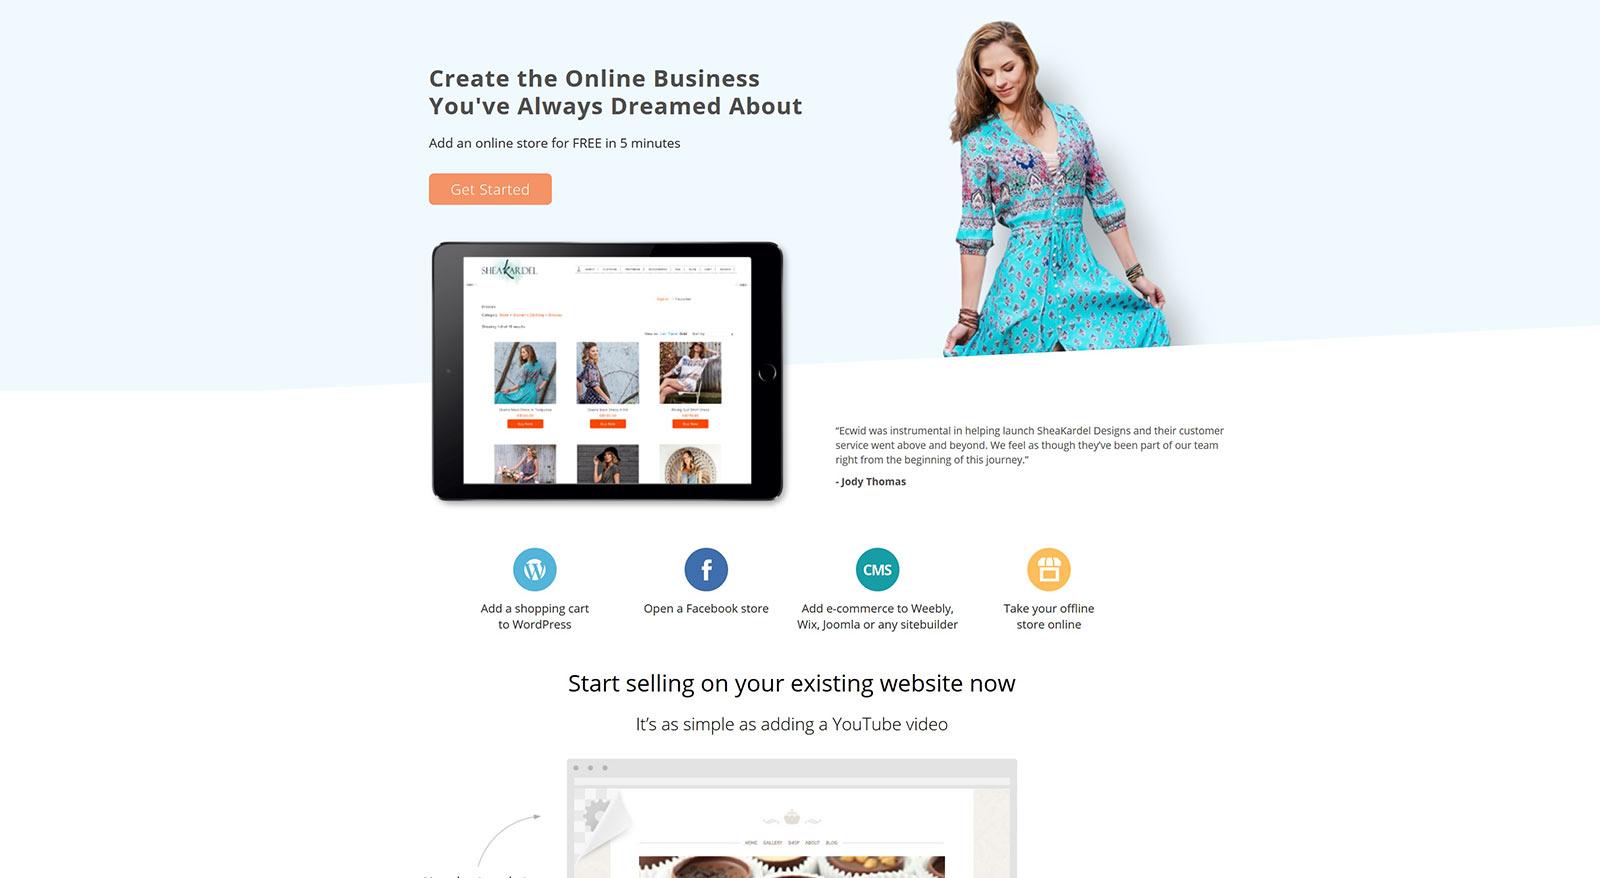 Ecwid Shopping Cart Integration for Online Sales | Surrey Web Design by Original Ginger